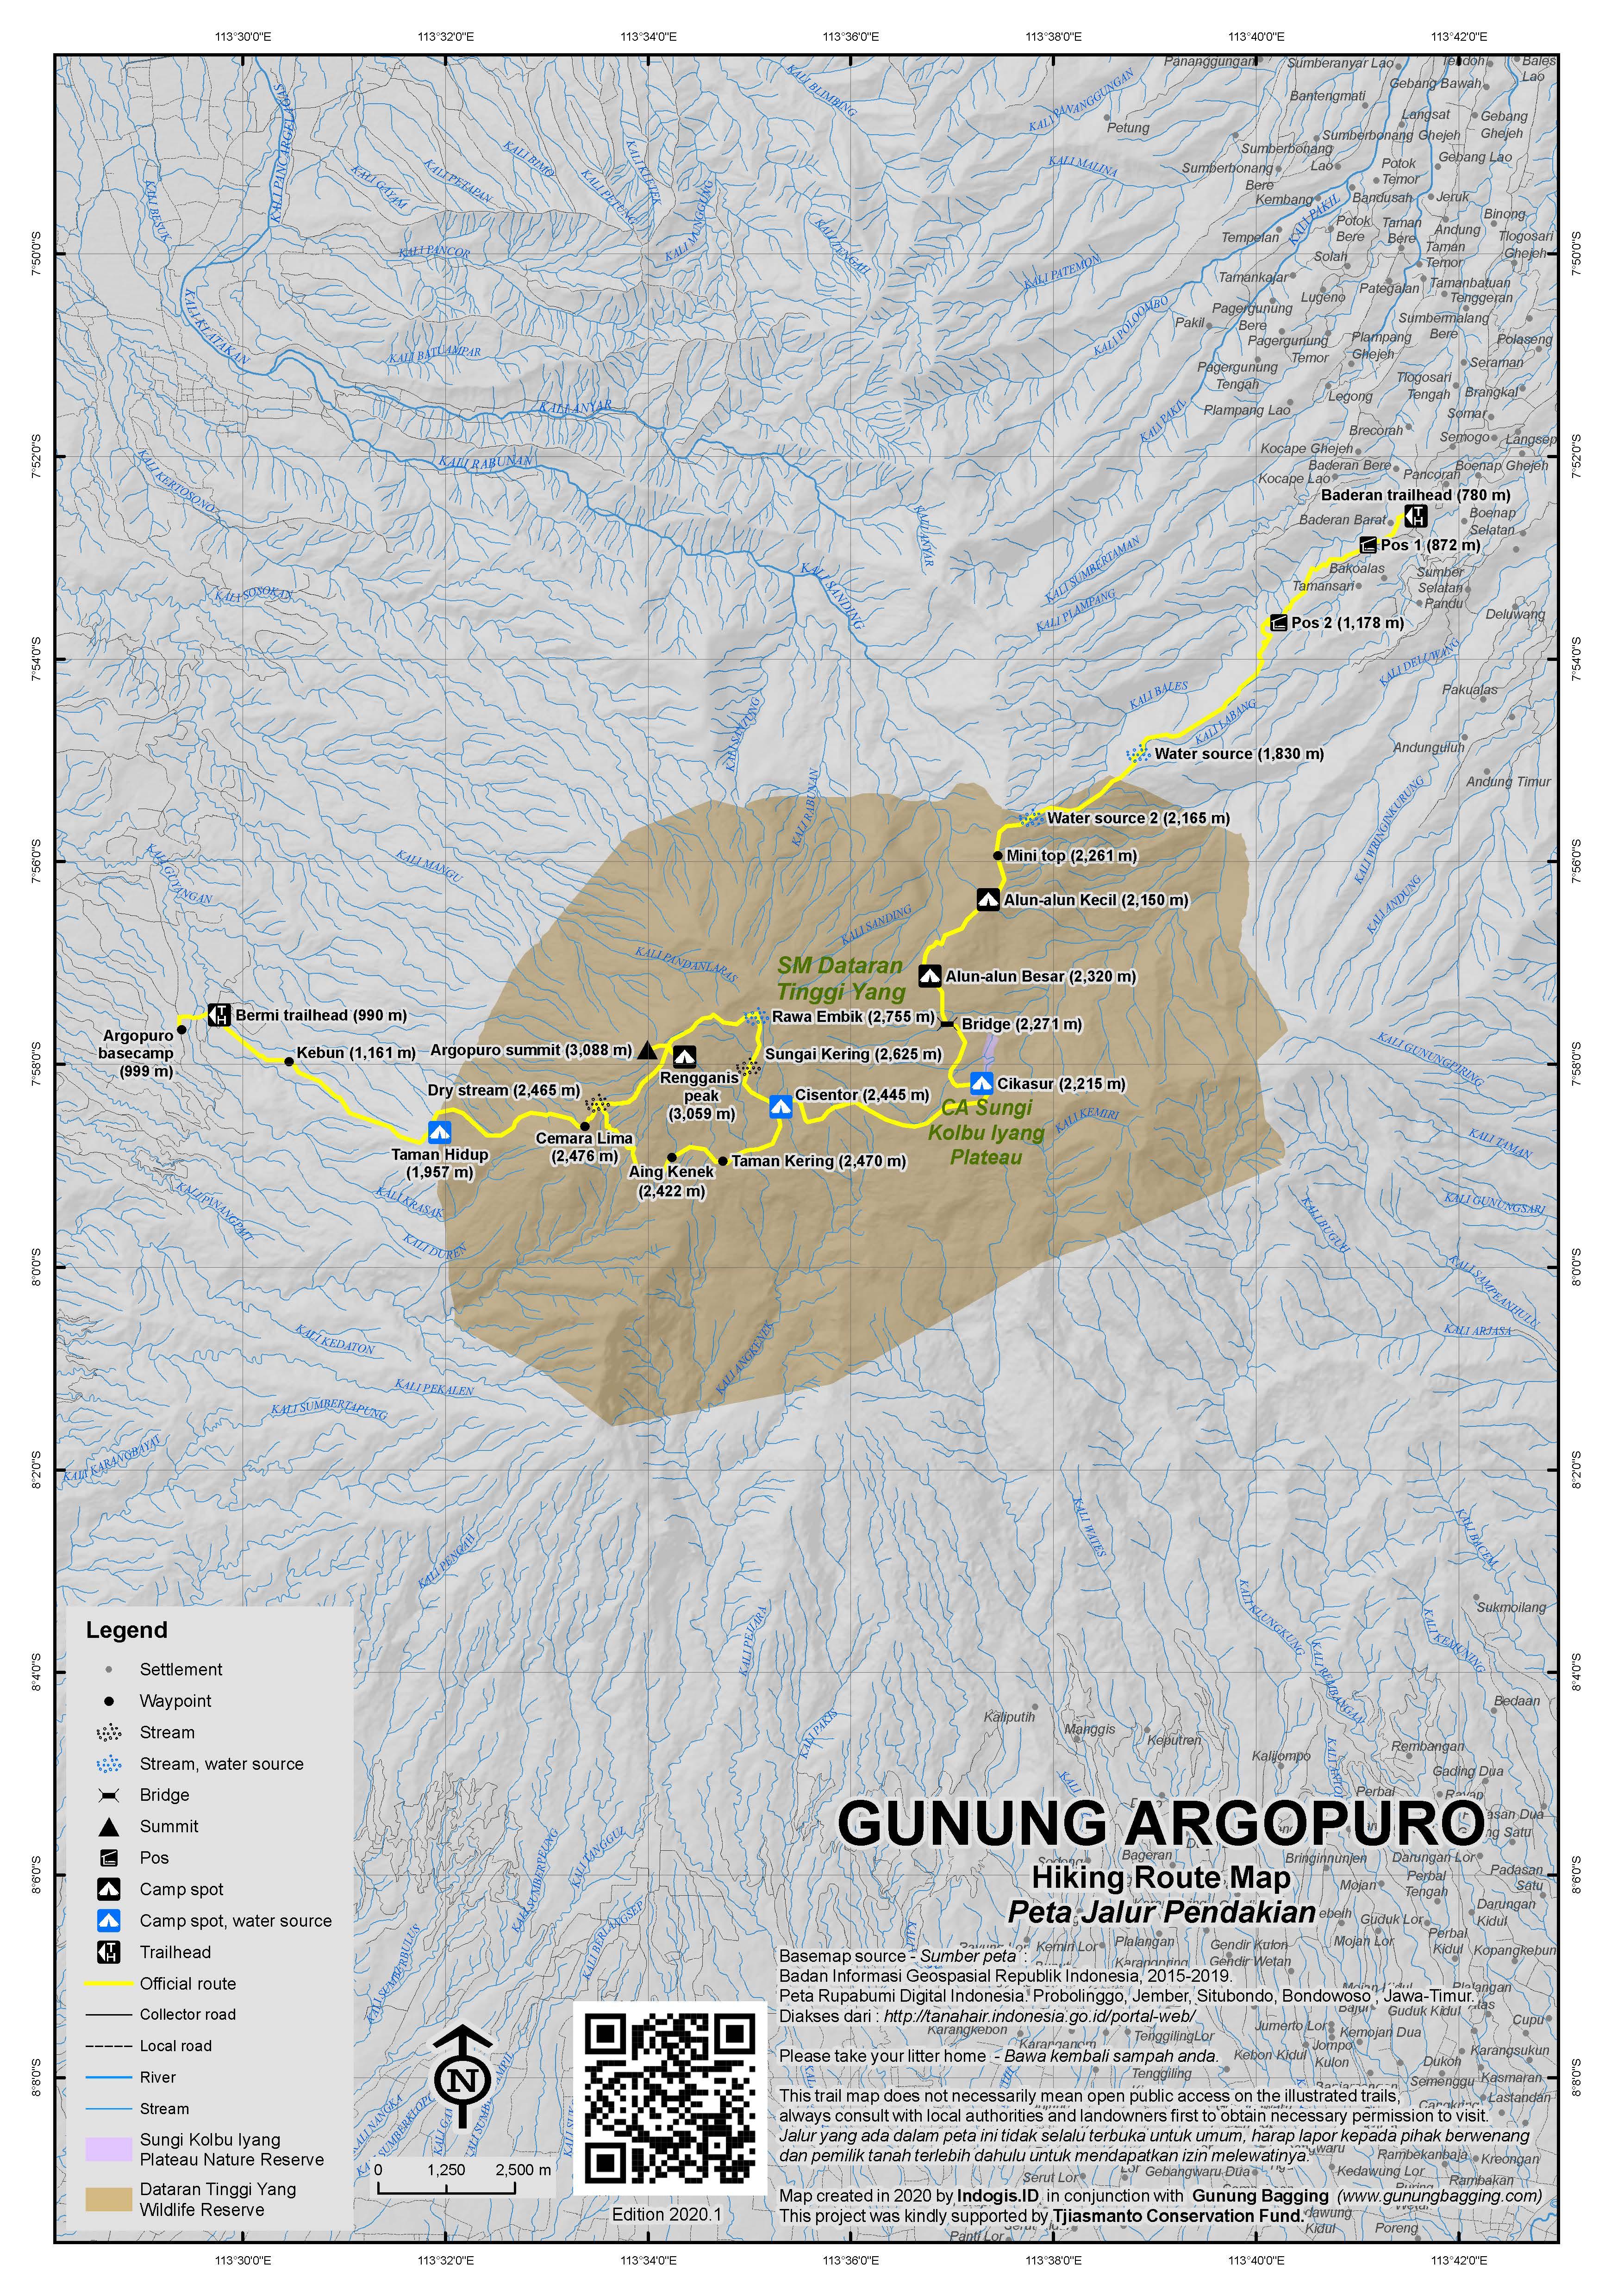 Peta Jalur Pendakian Gunung Argopuro